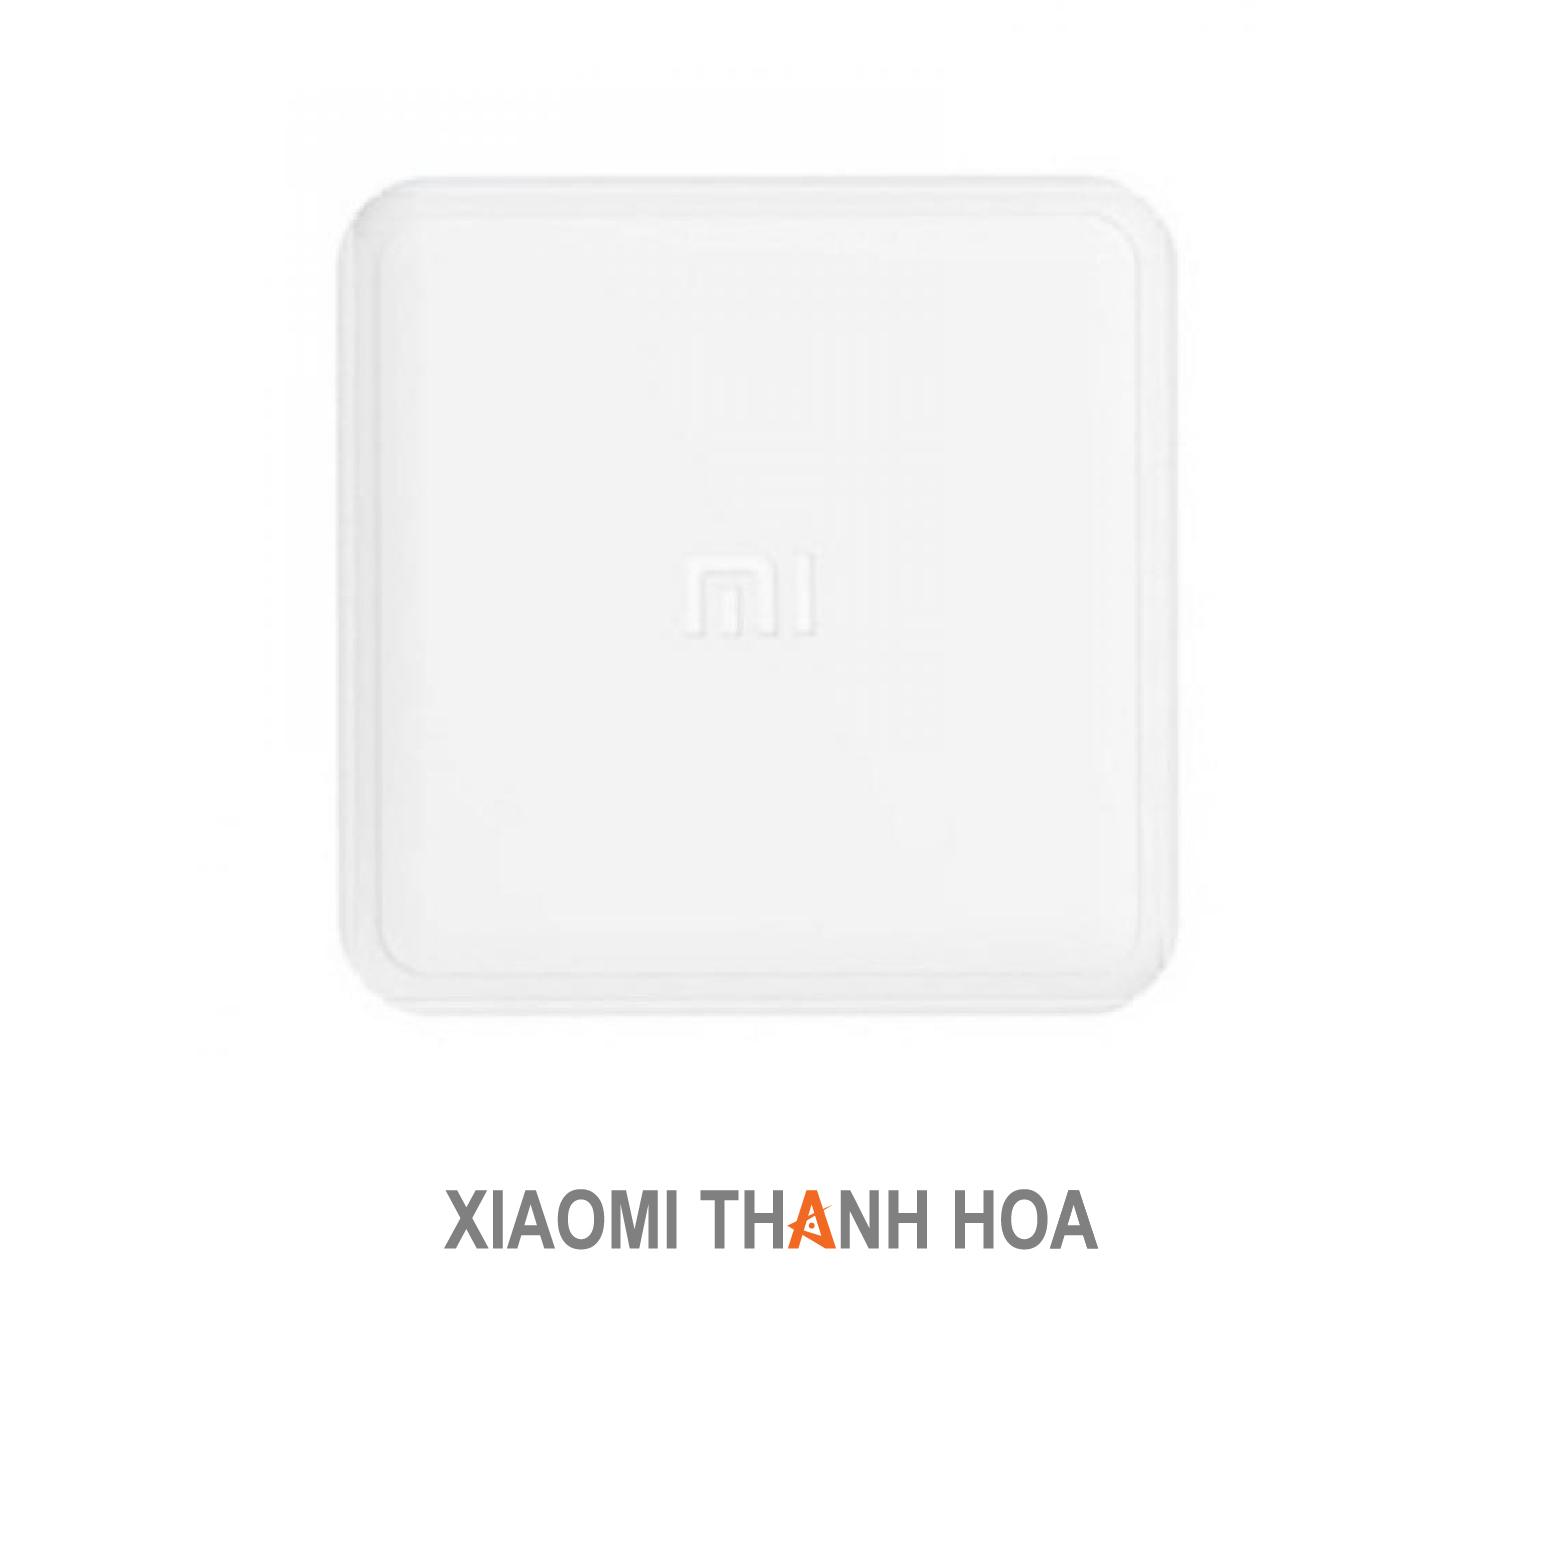 Hộp điều khiển thông minh Mi Cube - XIAOMI THANH HOÁ